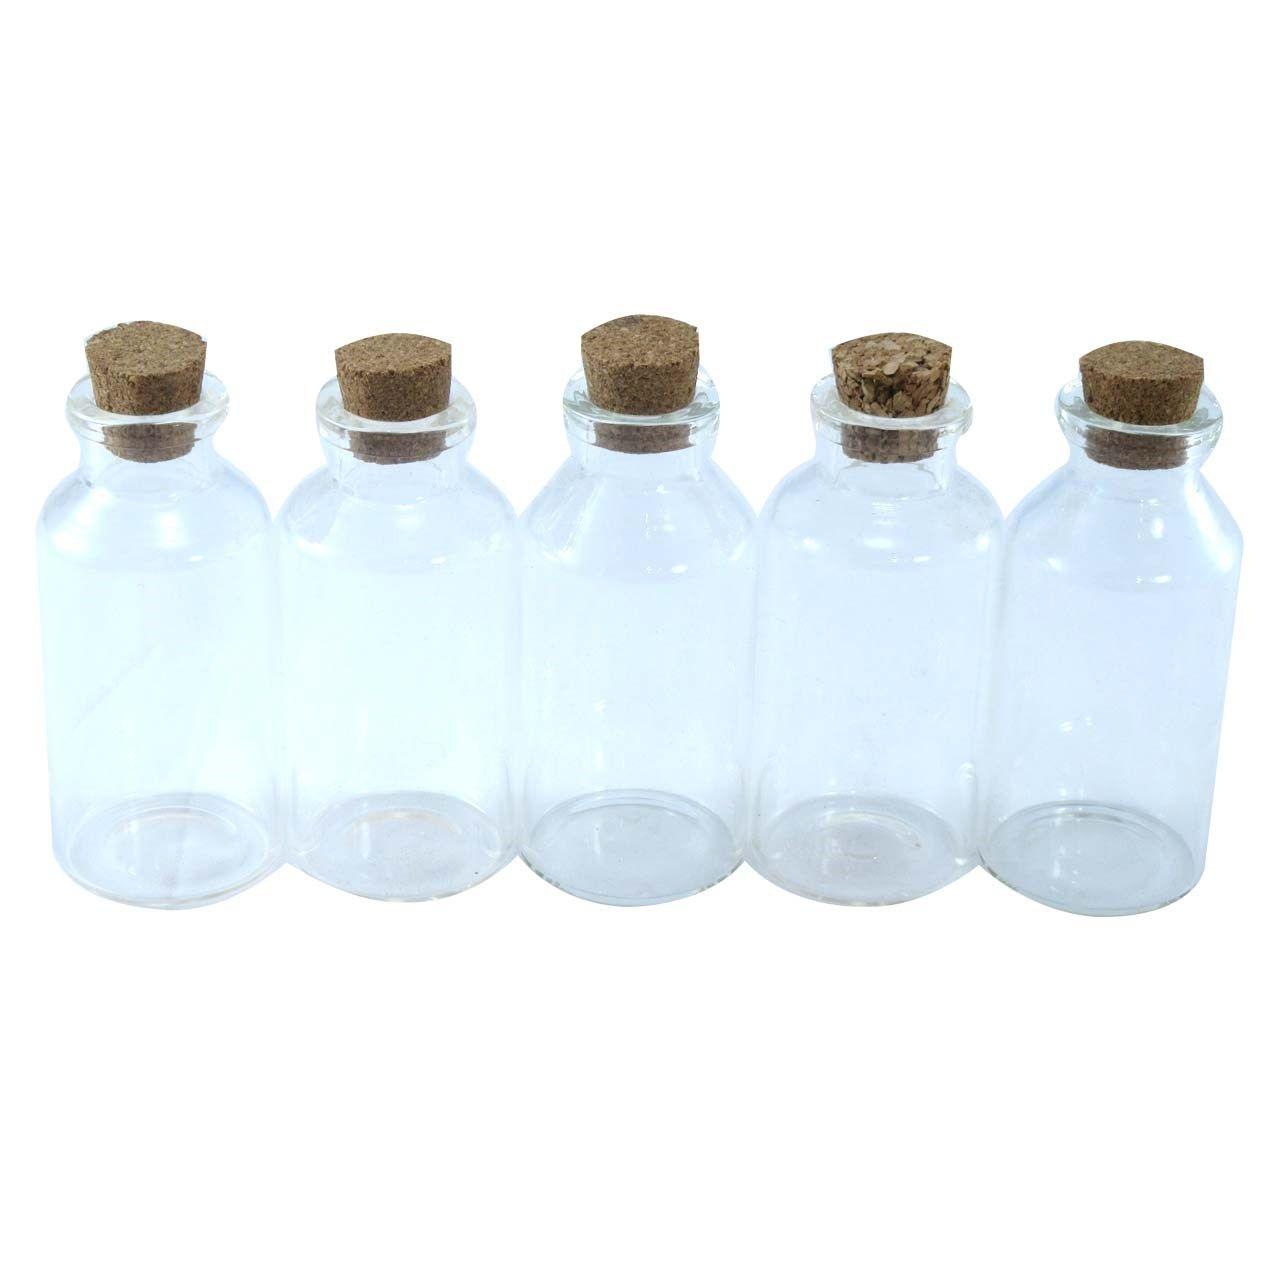 بطری دکوری کوه شاپ کد TP-H4466 بسته 5 عددی